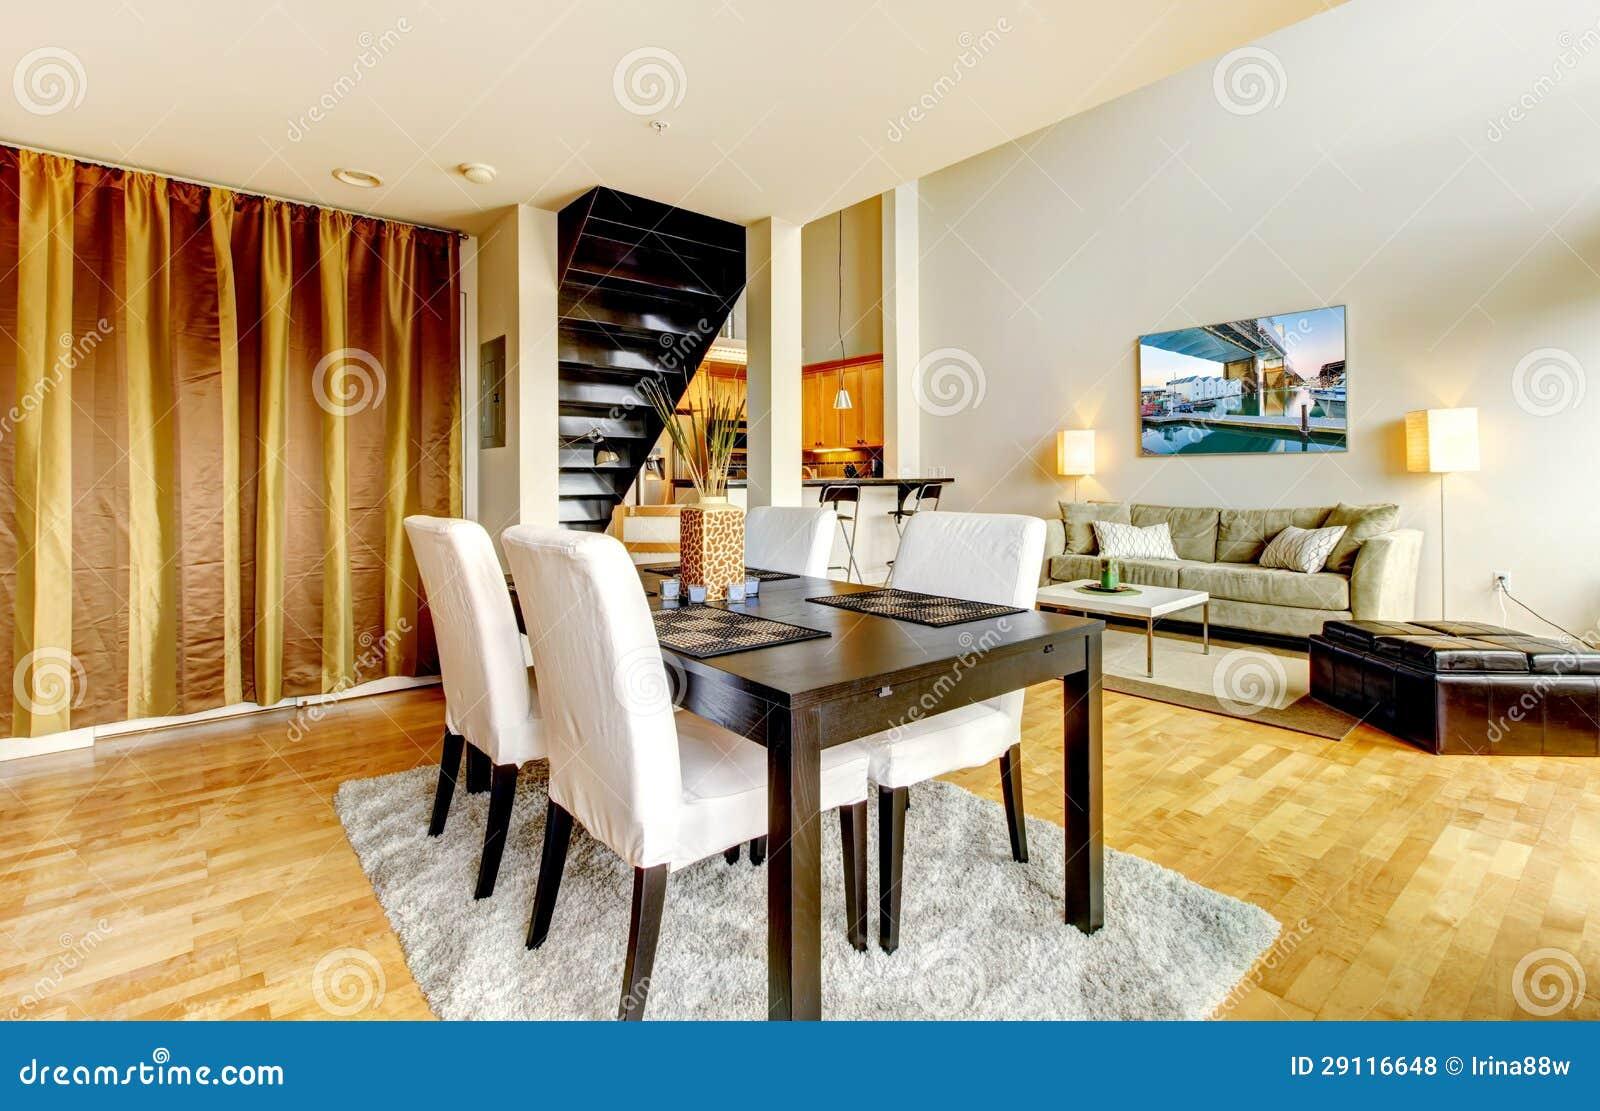 Intérieur de salle à manger en appartement moderne de ville.